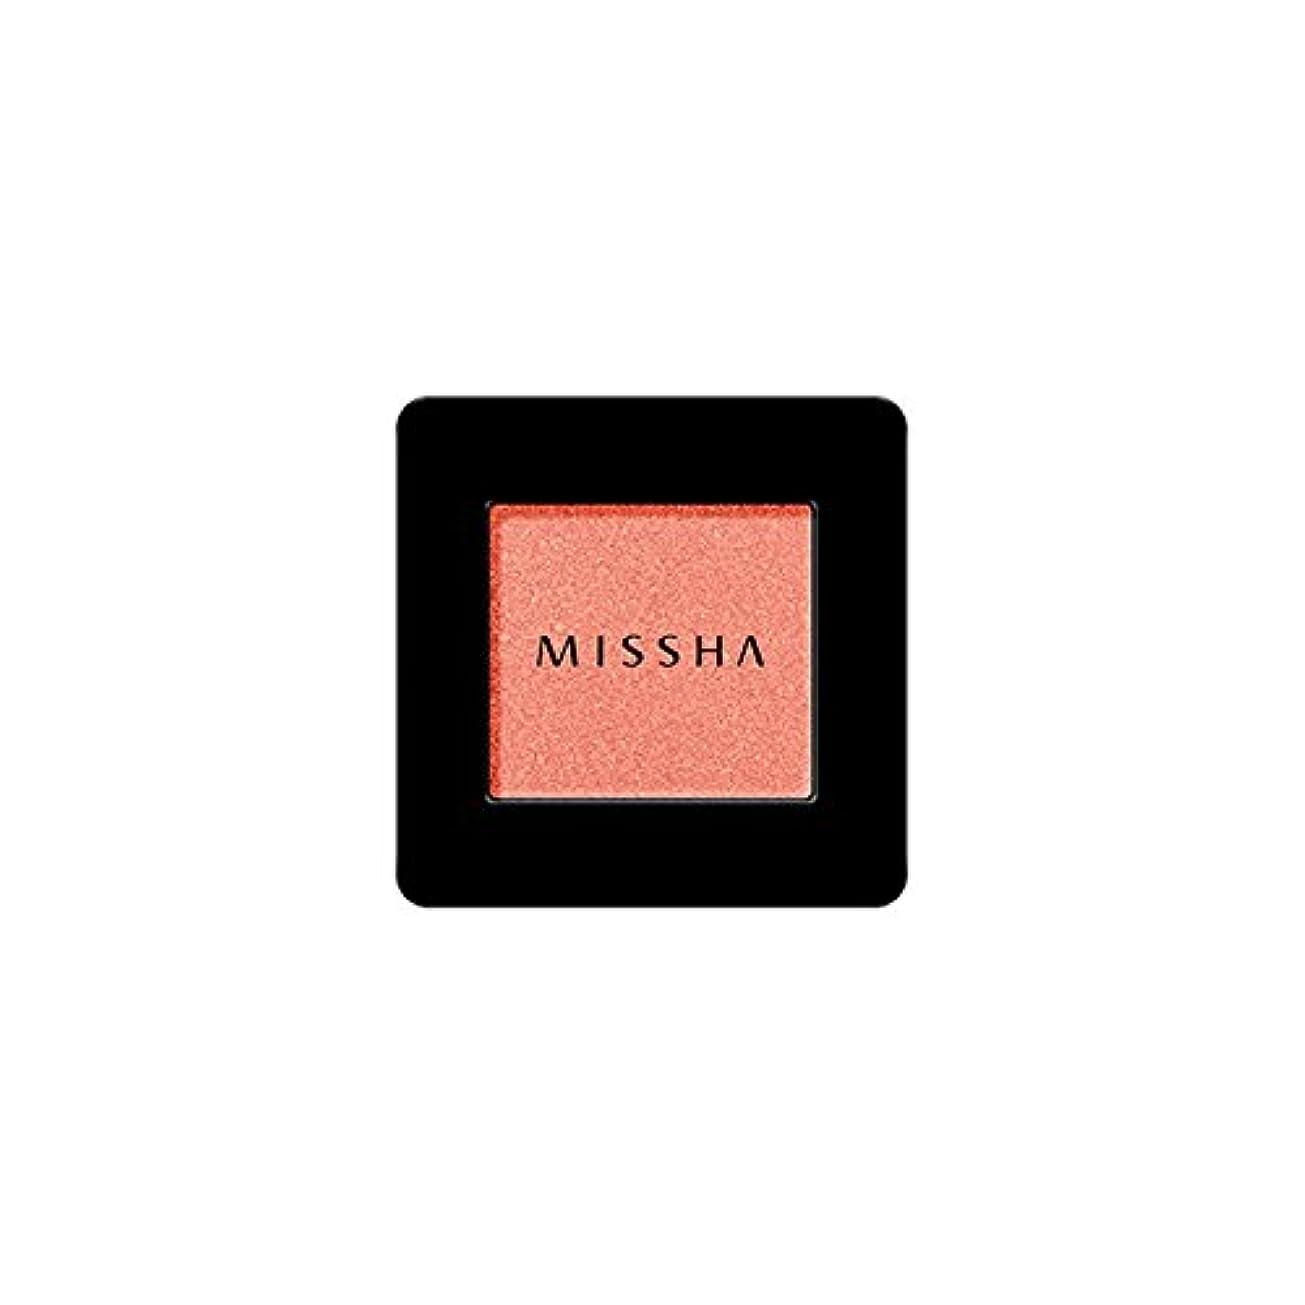 ちっちゃいシャッター調整MISSHA Modern Shadow [SHIMMER] 1.8g (#SRD01 Catch Fire)/ミシャ モダン シャドウ [シマー] 1.8g (#SRD01 Catch Fire)